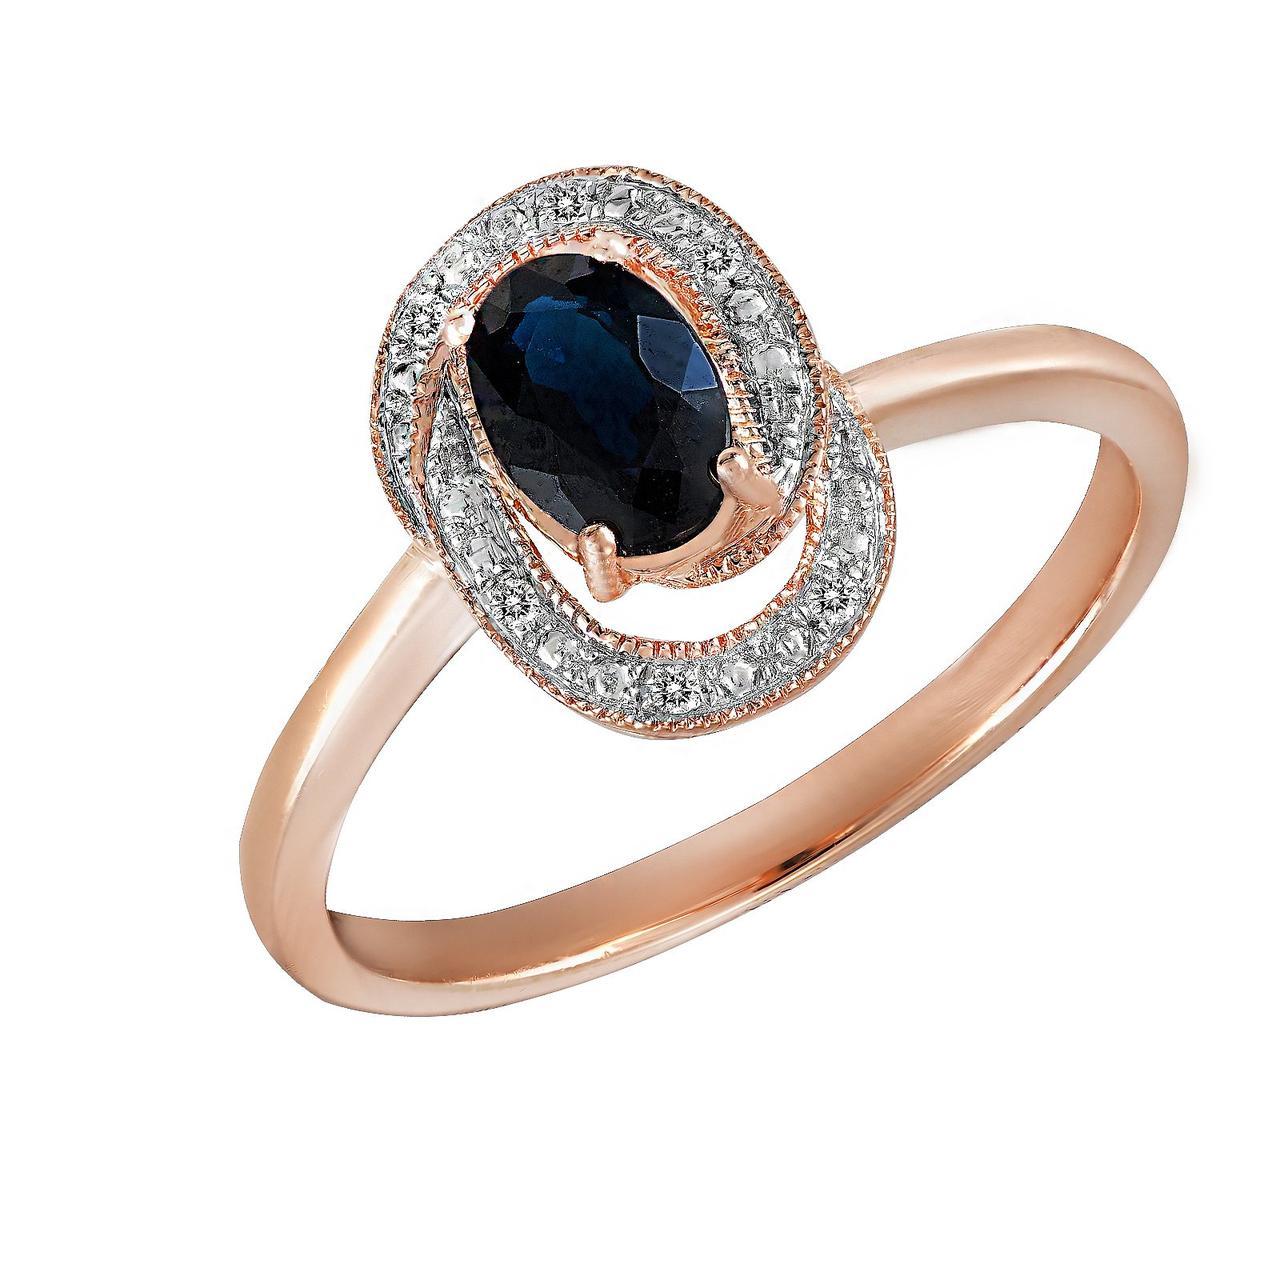 Золотое кольцо с бриллиантами и сапфиром, размер 16 (696071)